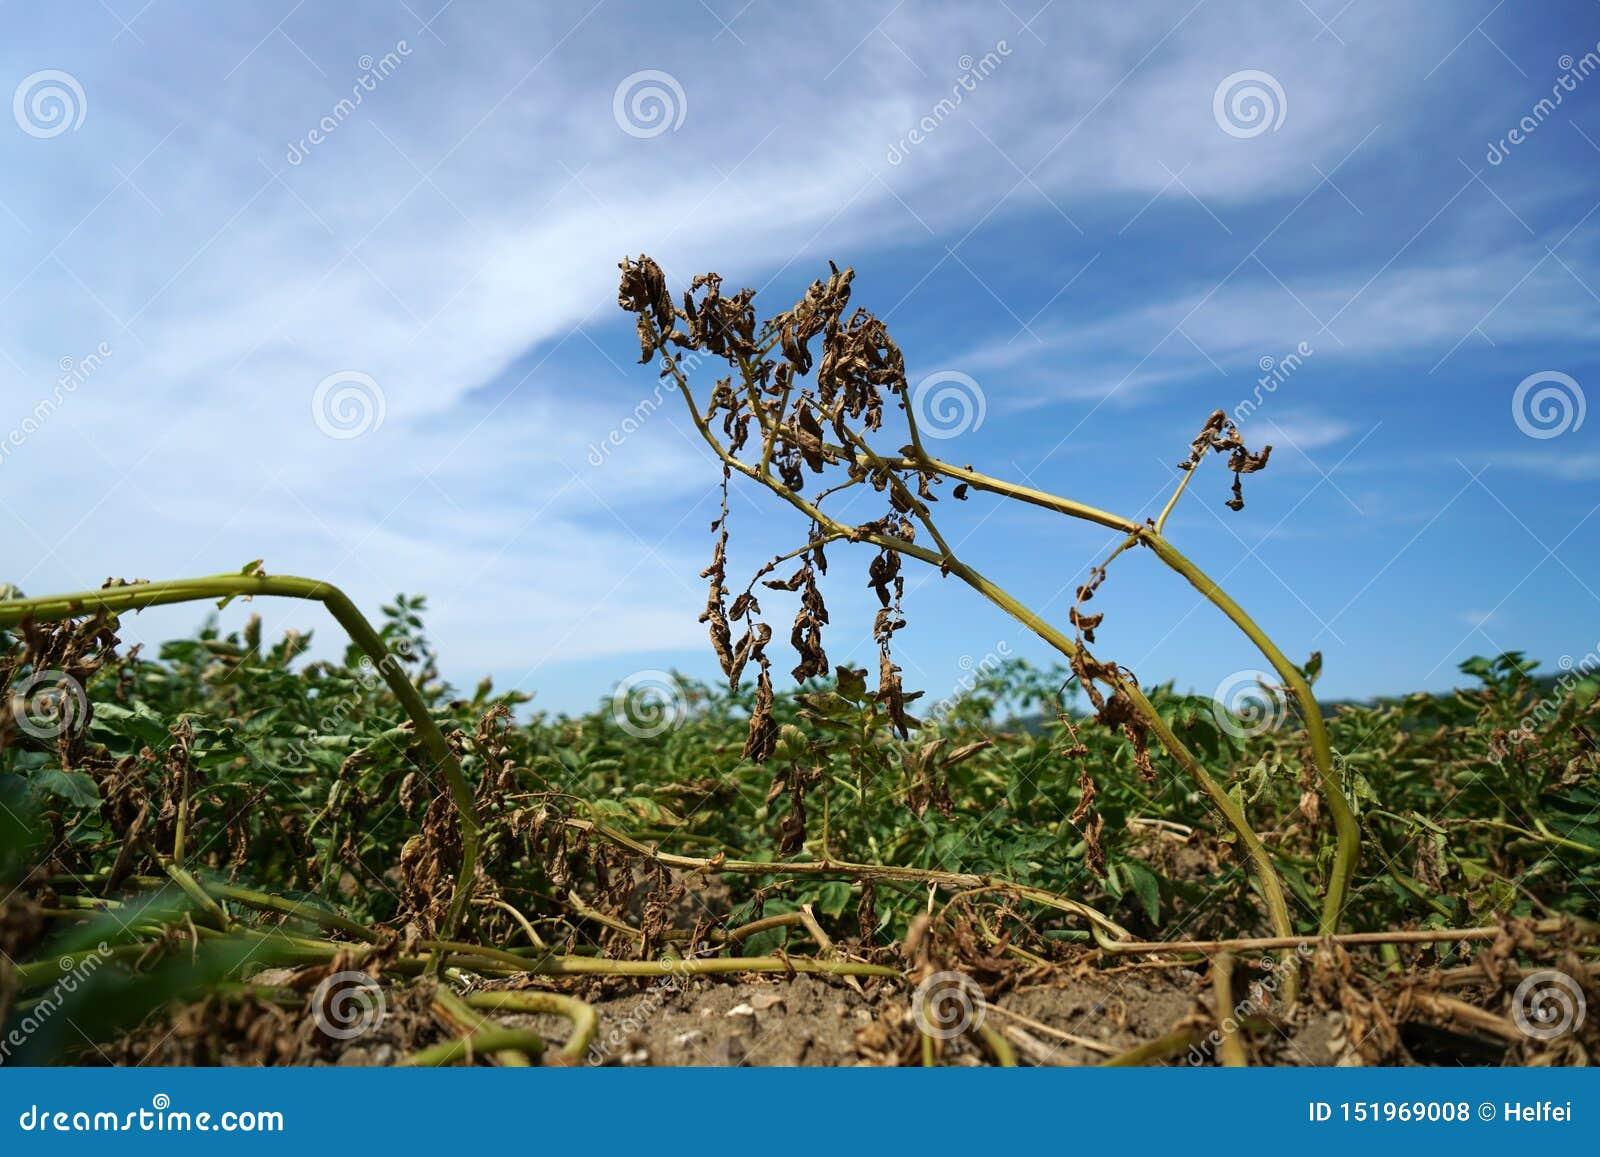 Falta da ligação da precipitação e das alterações climáticas a seco e seca em altas temperaturas